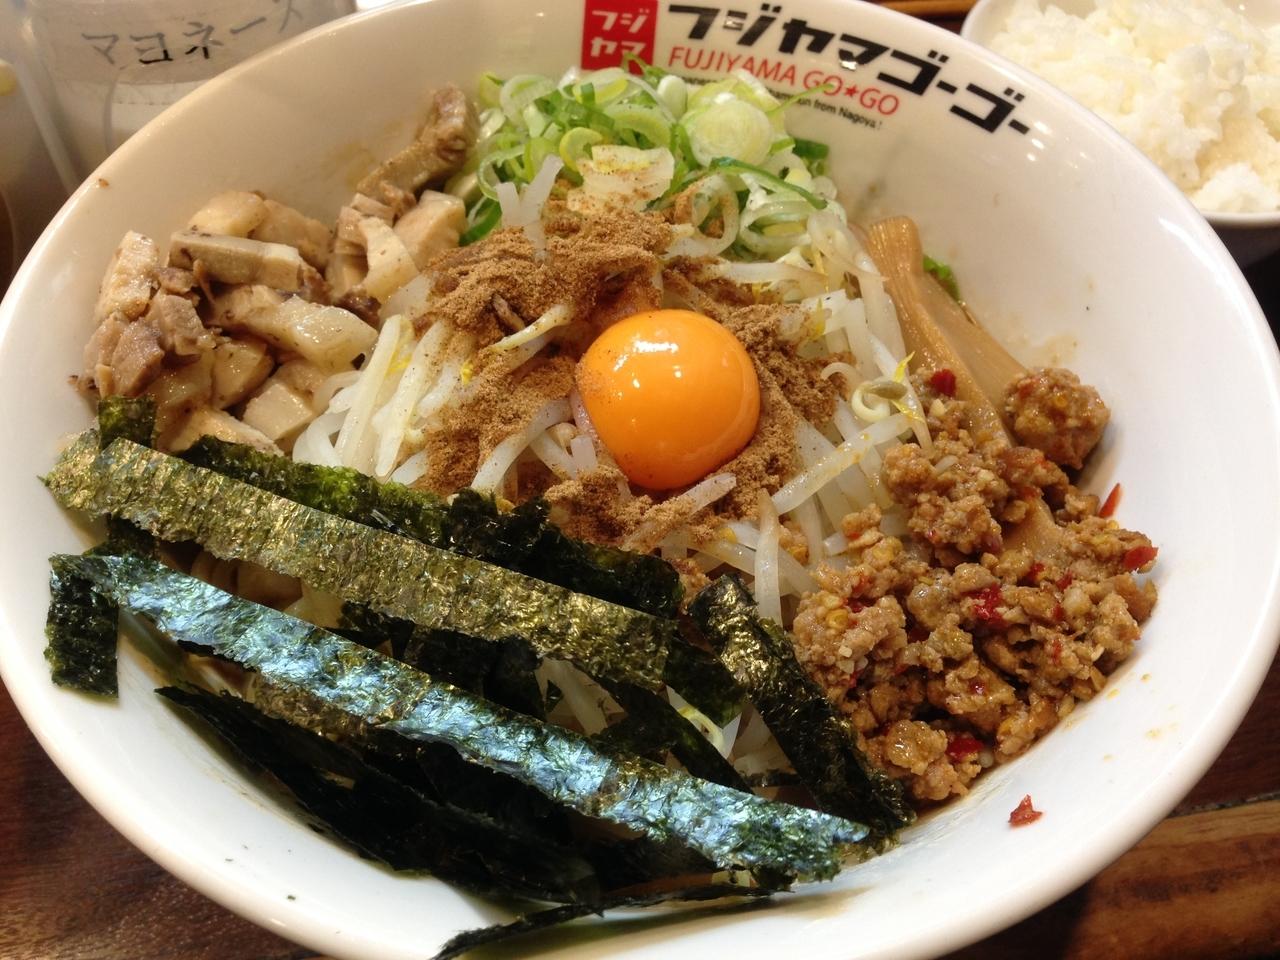 名古屋で絶対食べたい!ご当地グルメ「台湾まぜそば」が食べられるお店8選